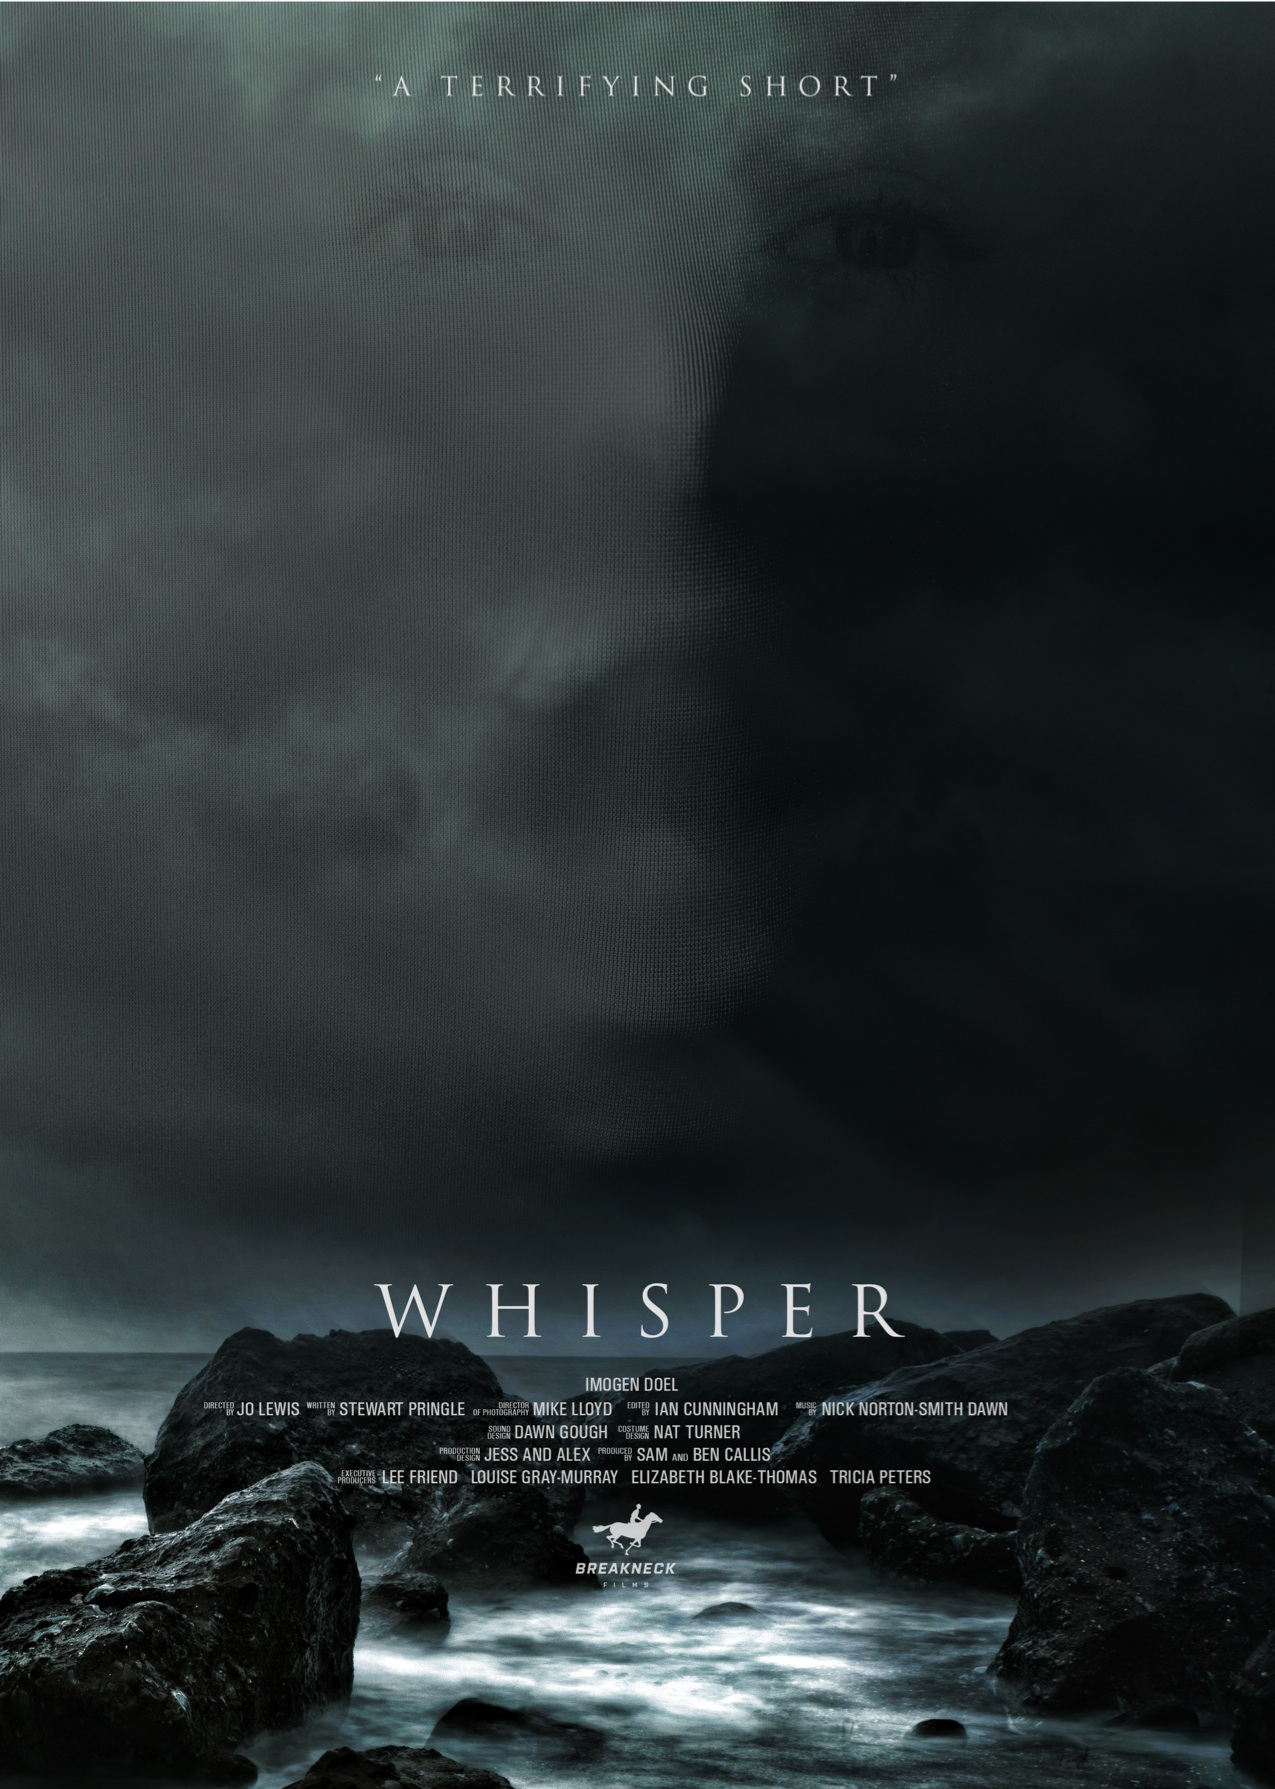 Whisper Poster copy